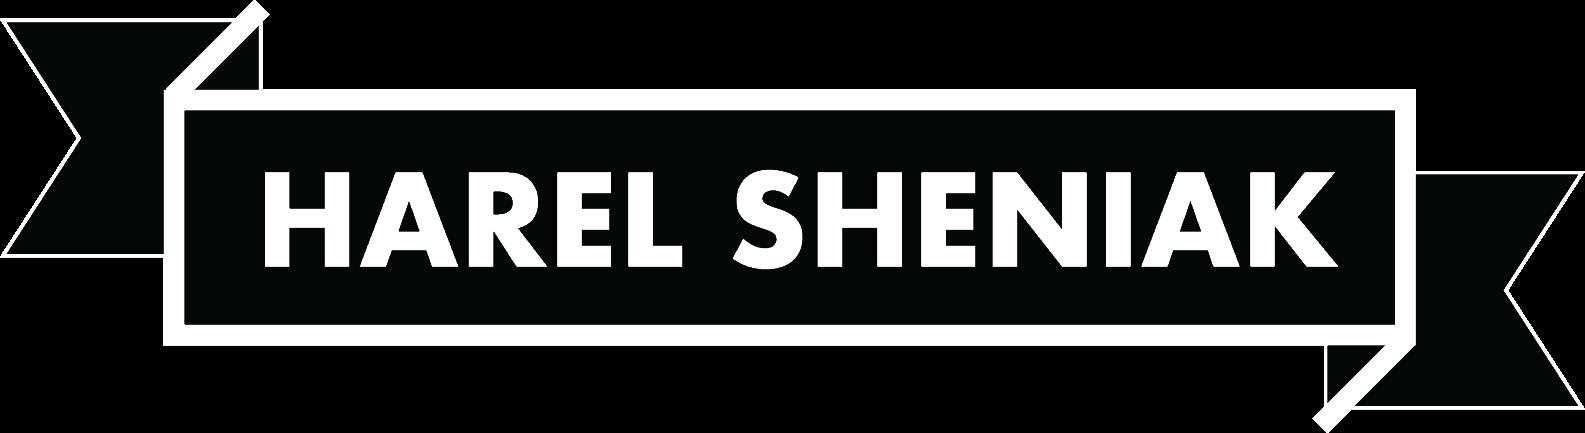 Harel Sheniak